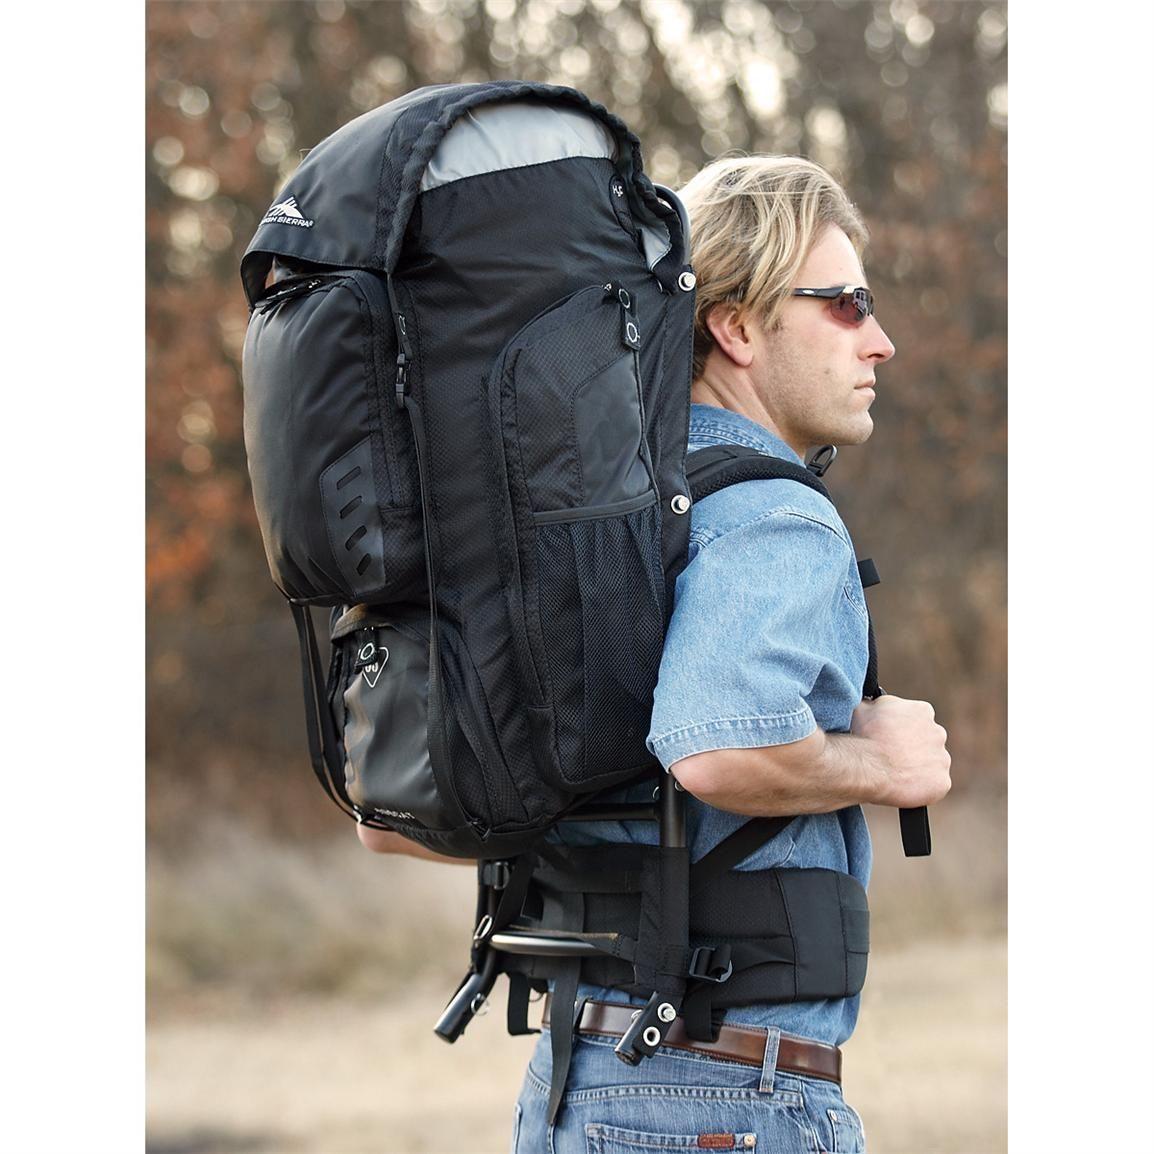 high sierra 65 liter external frame pack black